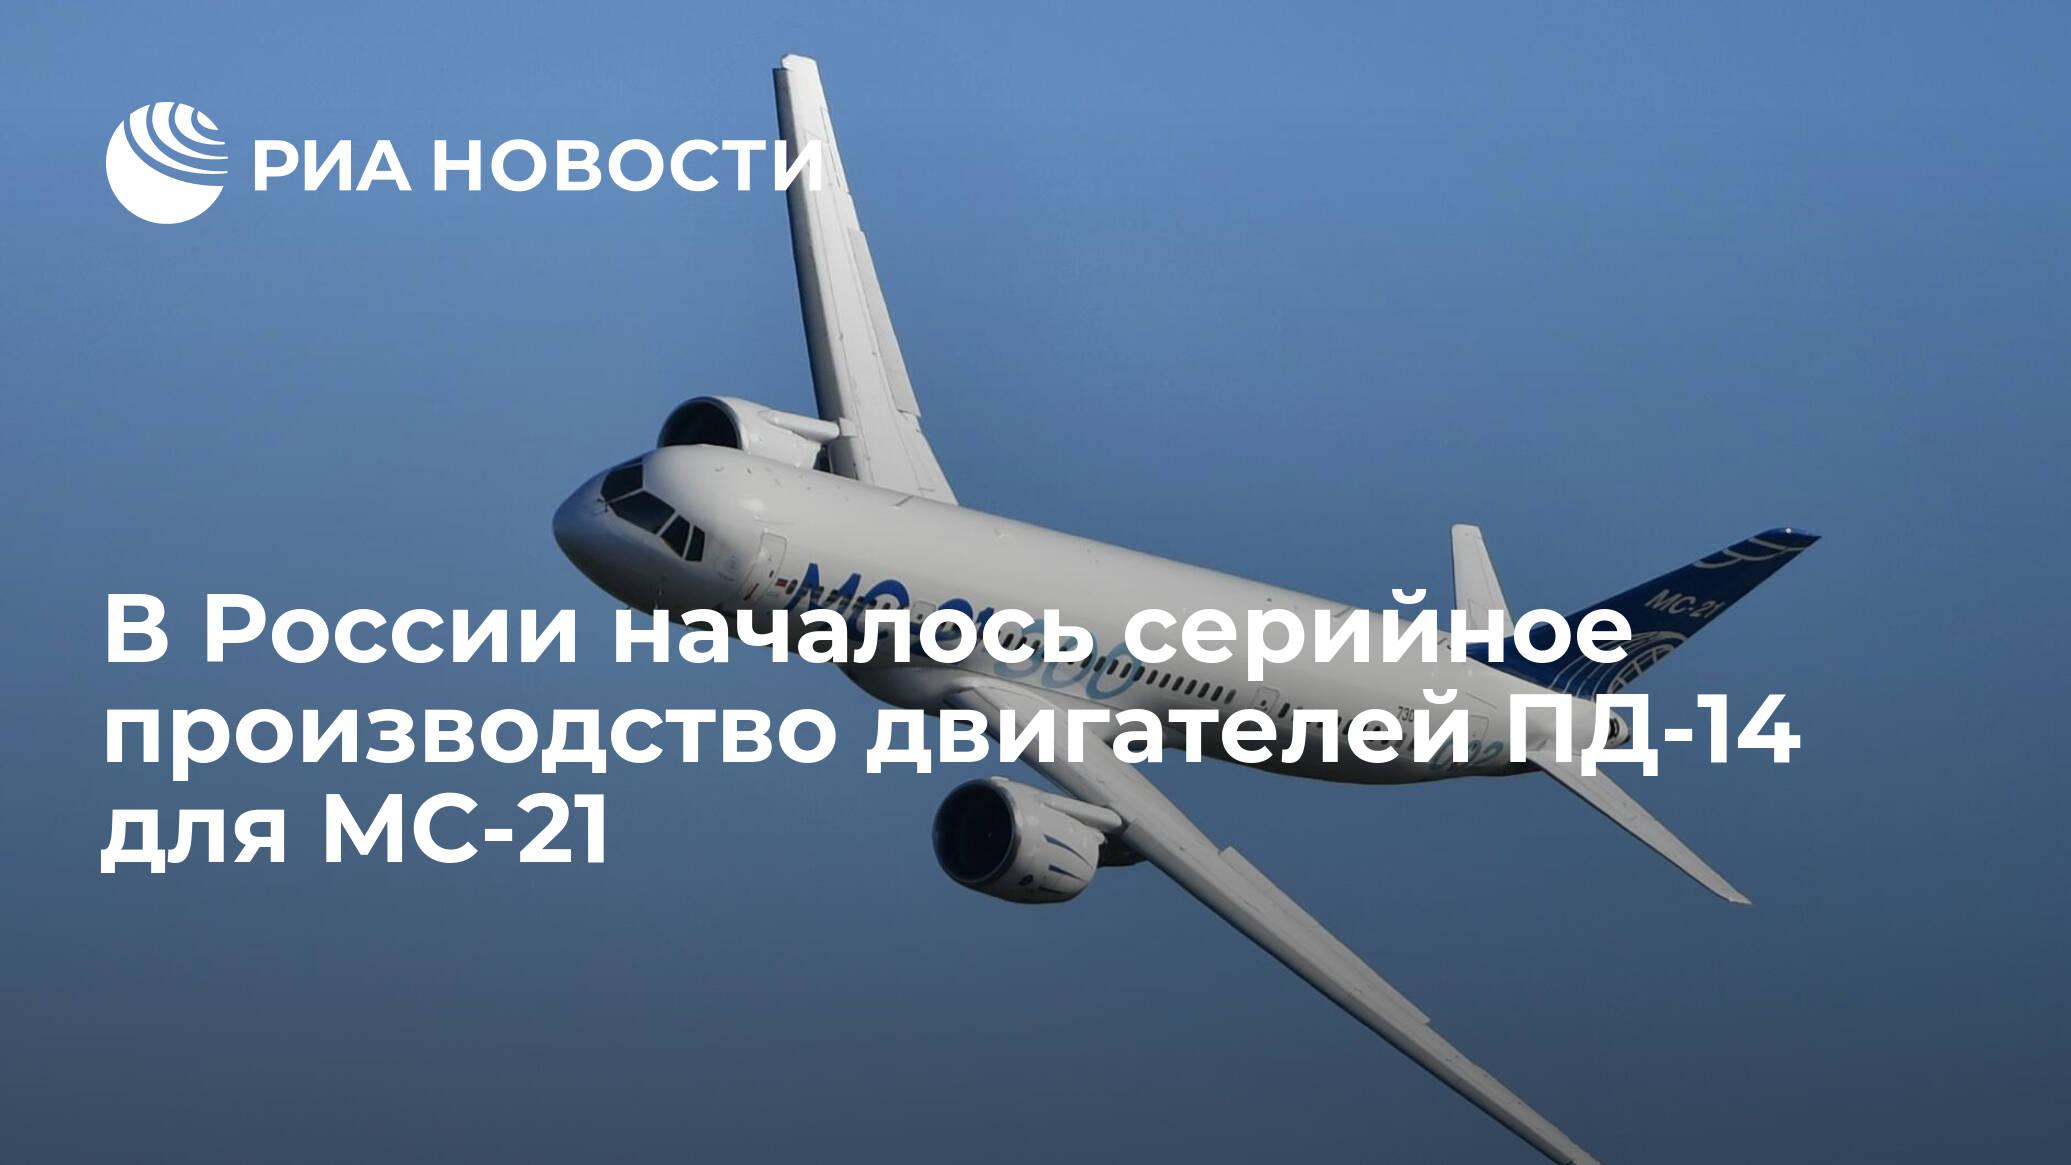 В России началось серийное производство двигателей ПД-14 для МС-21